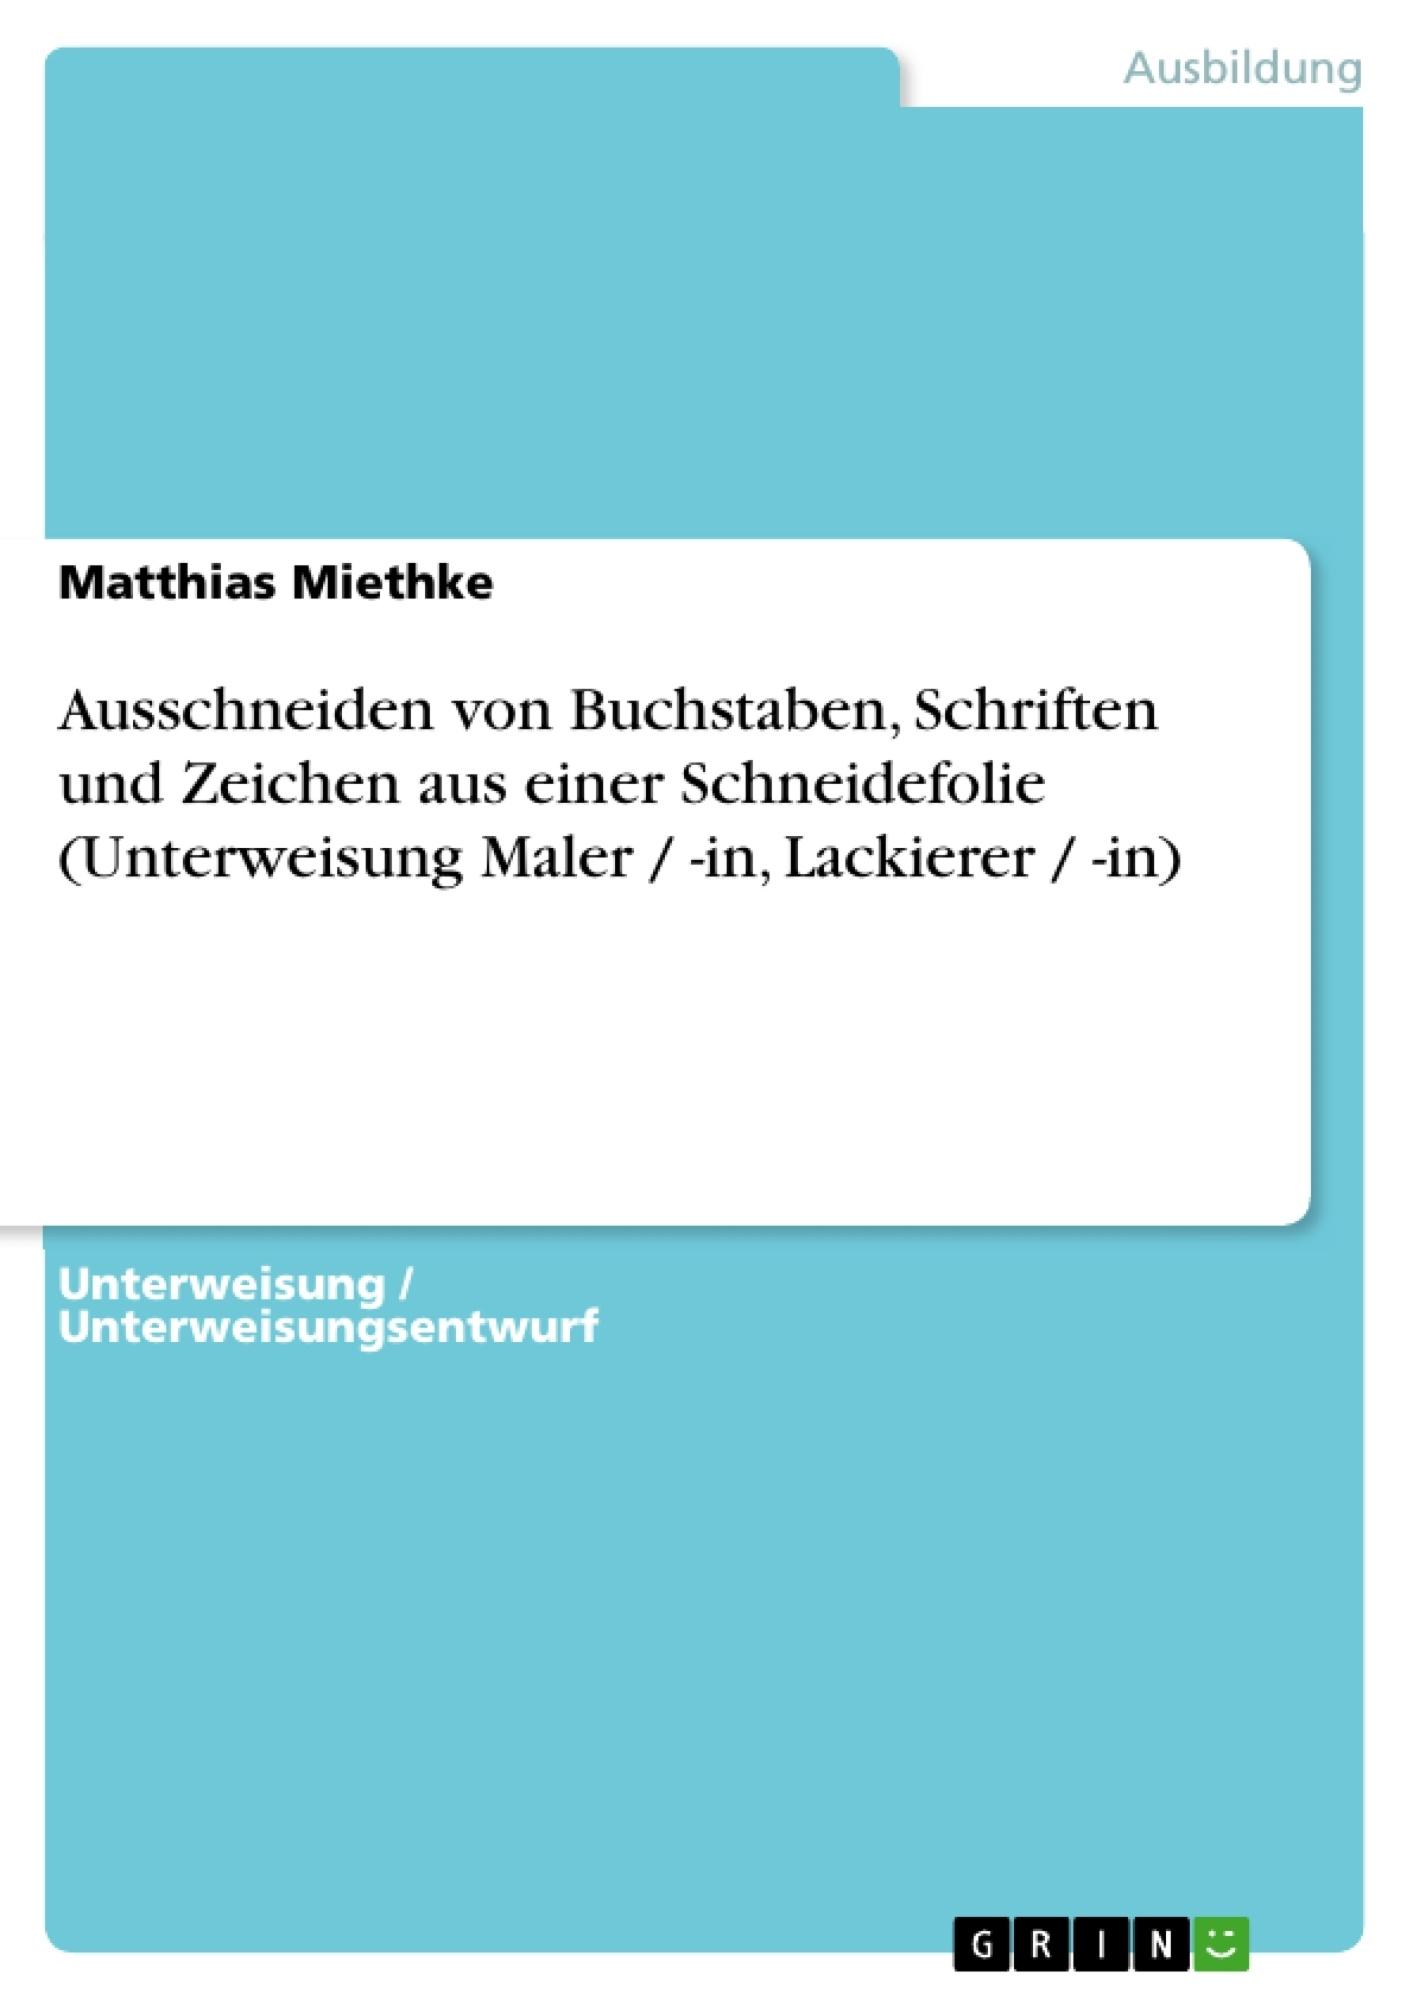 Titel: Ausschneiden von Buchstaben, Schriften und Zeichen aus einer Schneidefolie (Unterweisung Maler / -in, Lackierer / -in)